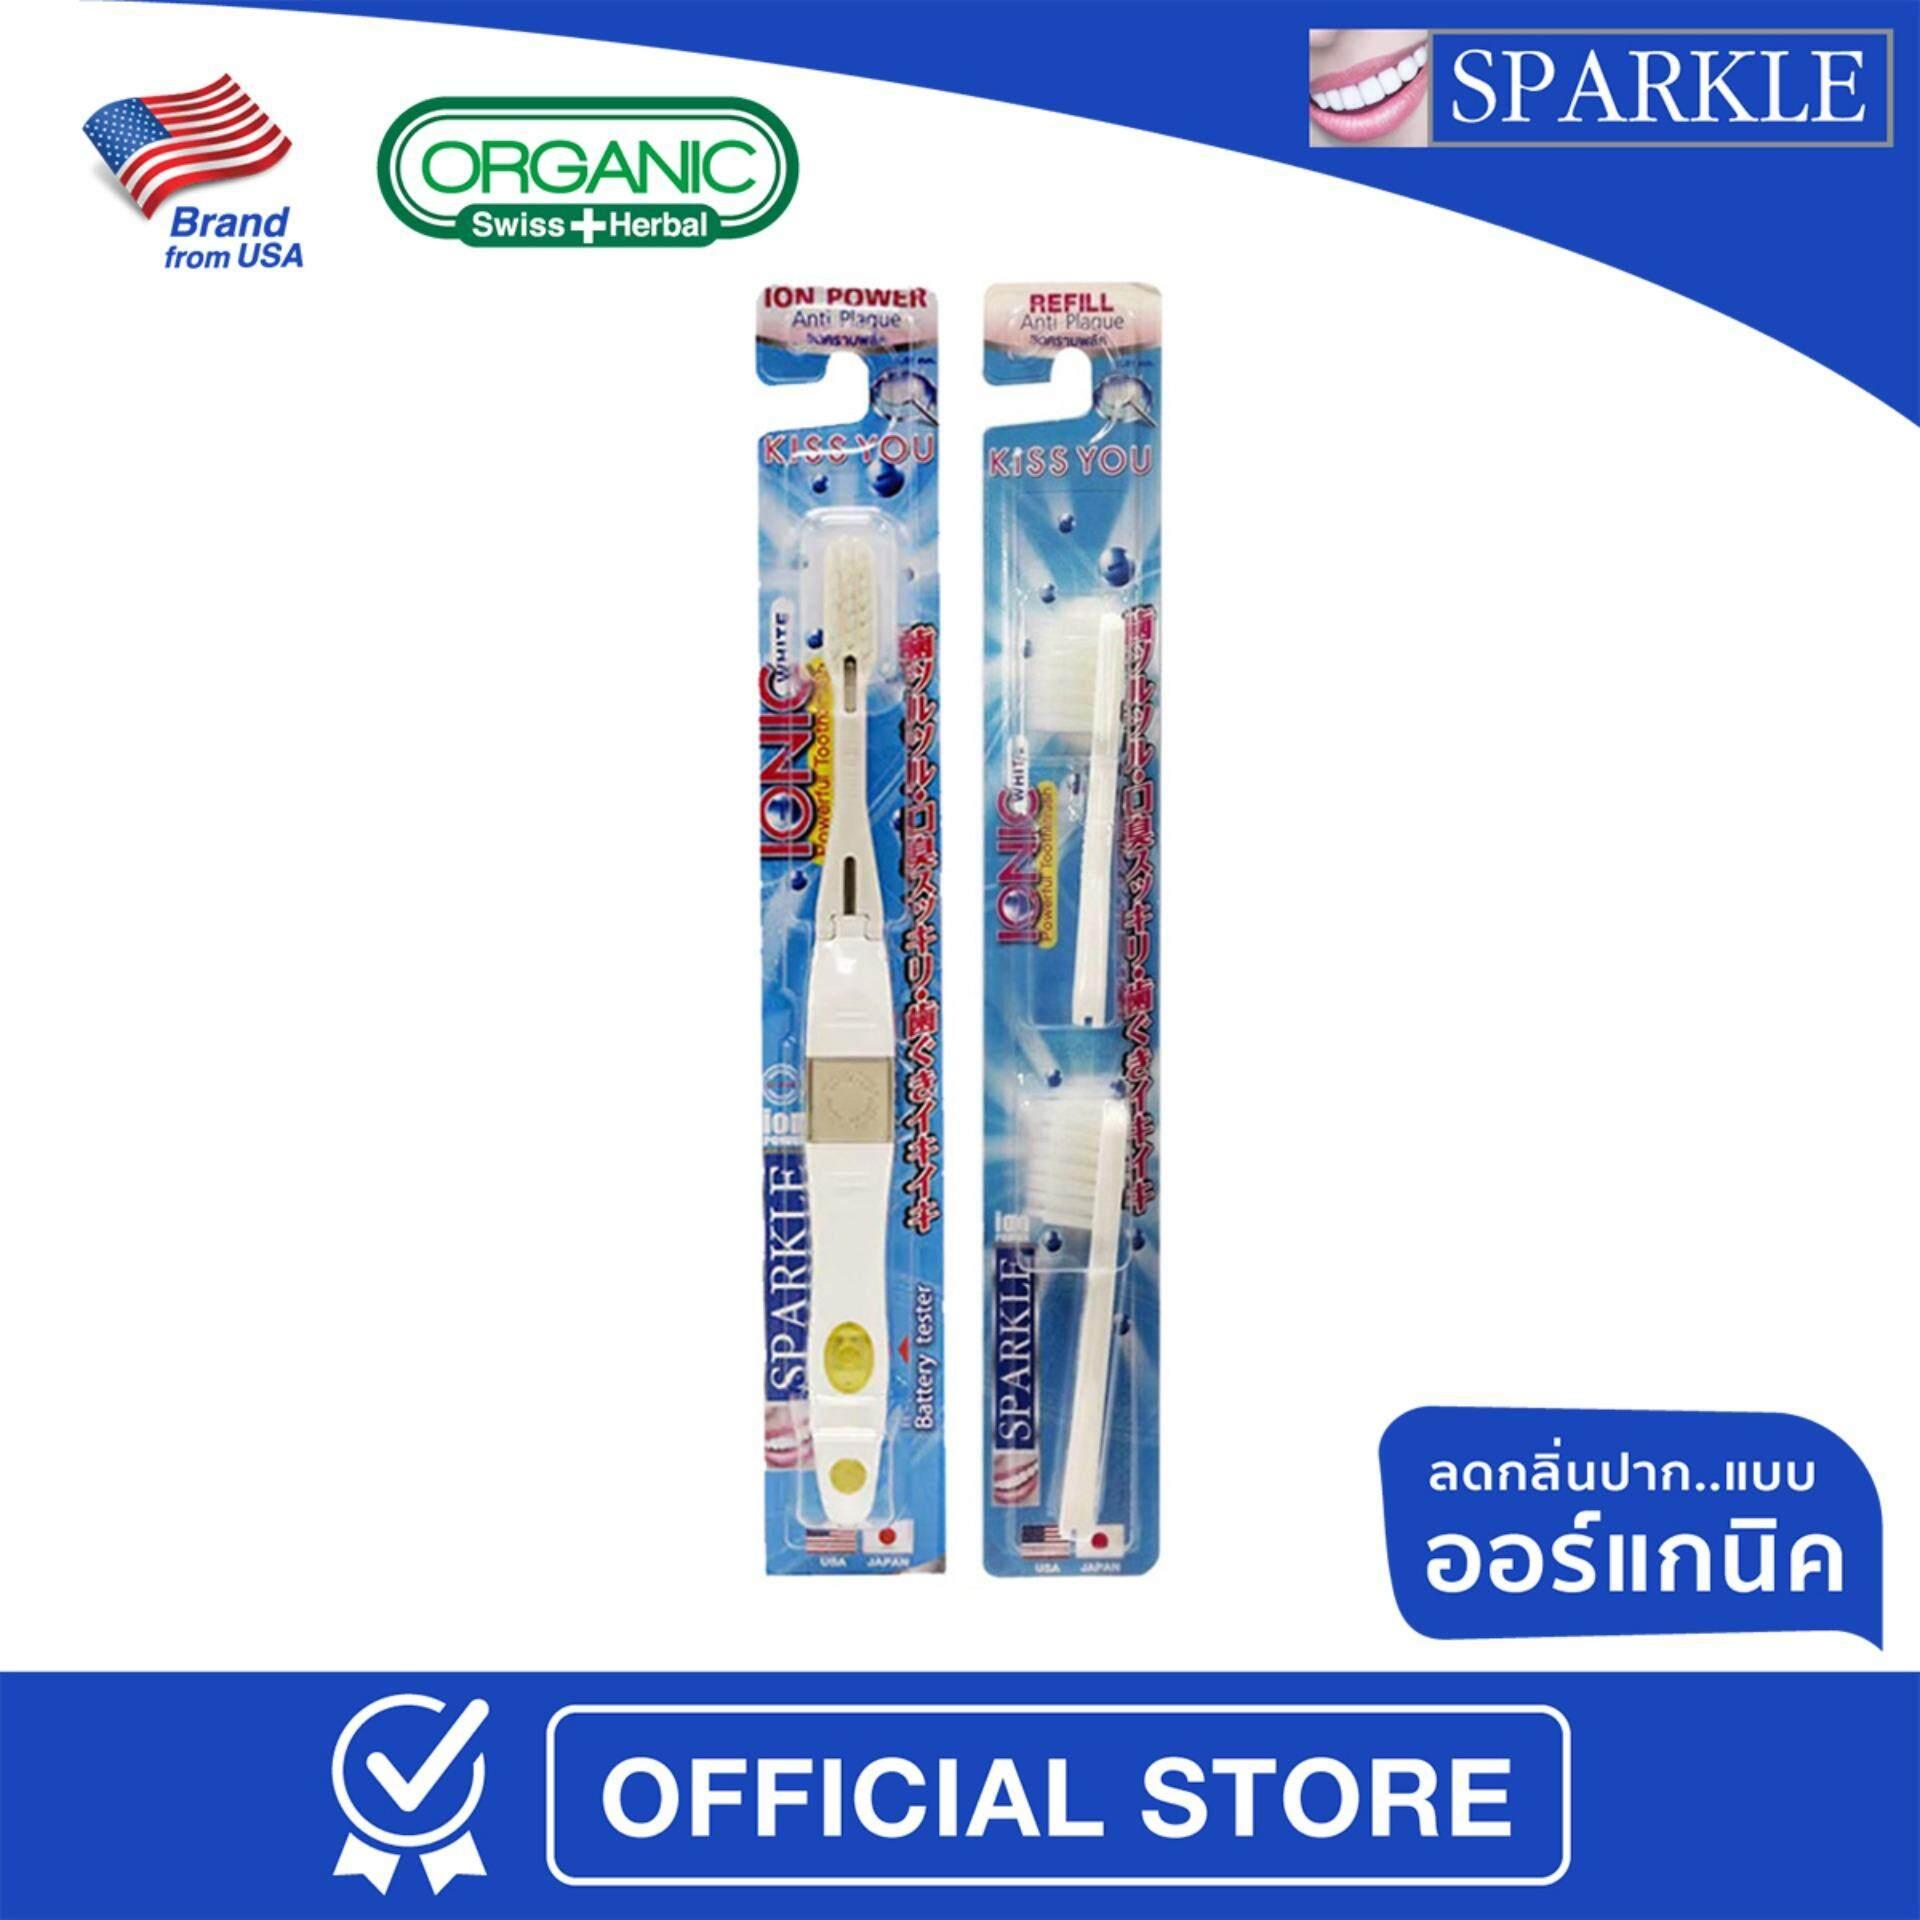 โปรโมชั่น Sparkle แปรงสีฟัน Ionic Toothbrush หัวแปรง Refill สีขาว ยอดขายอันดับ 1 ในญี่ปุ่น ถูก